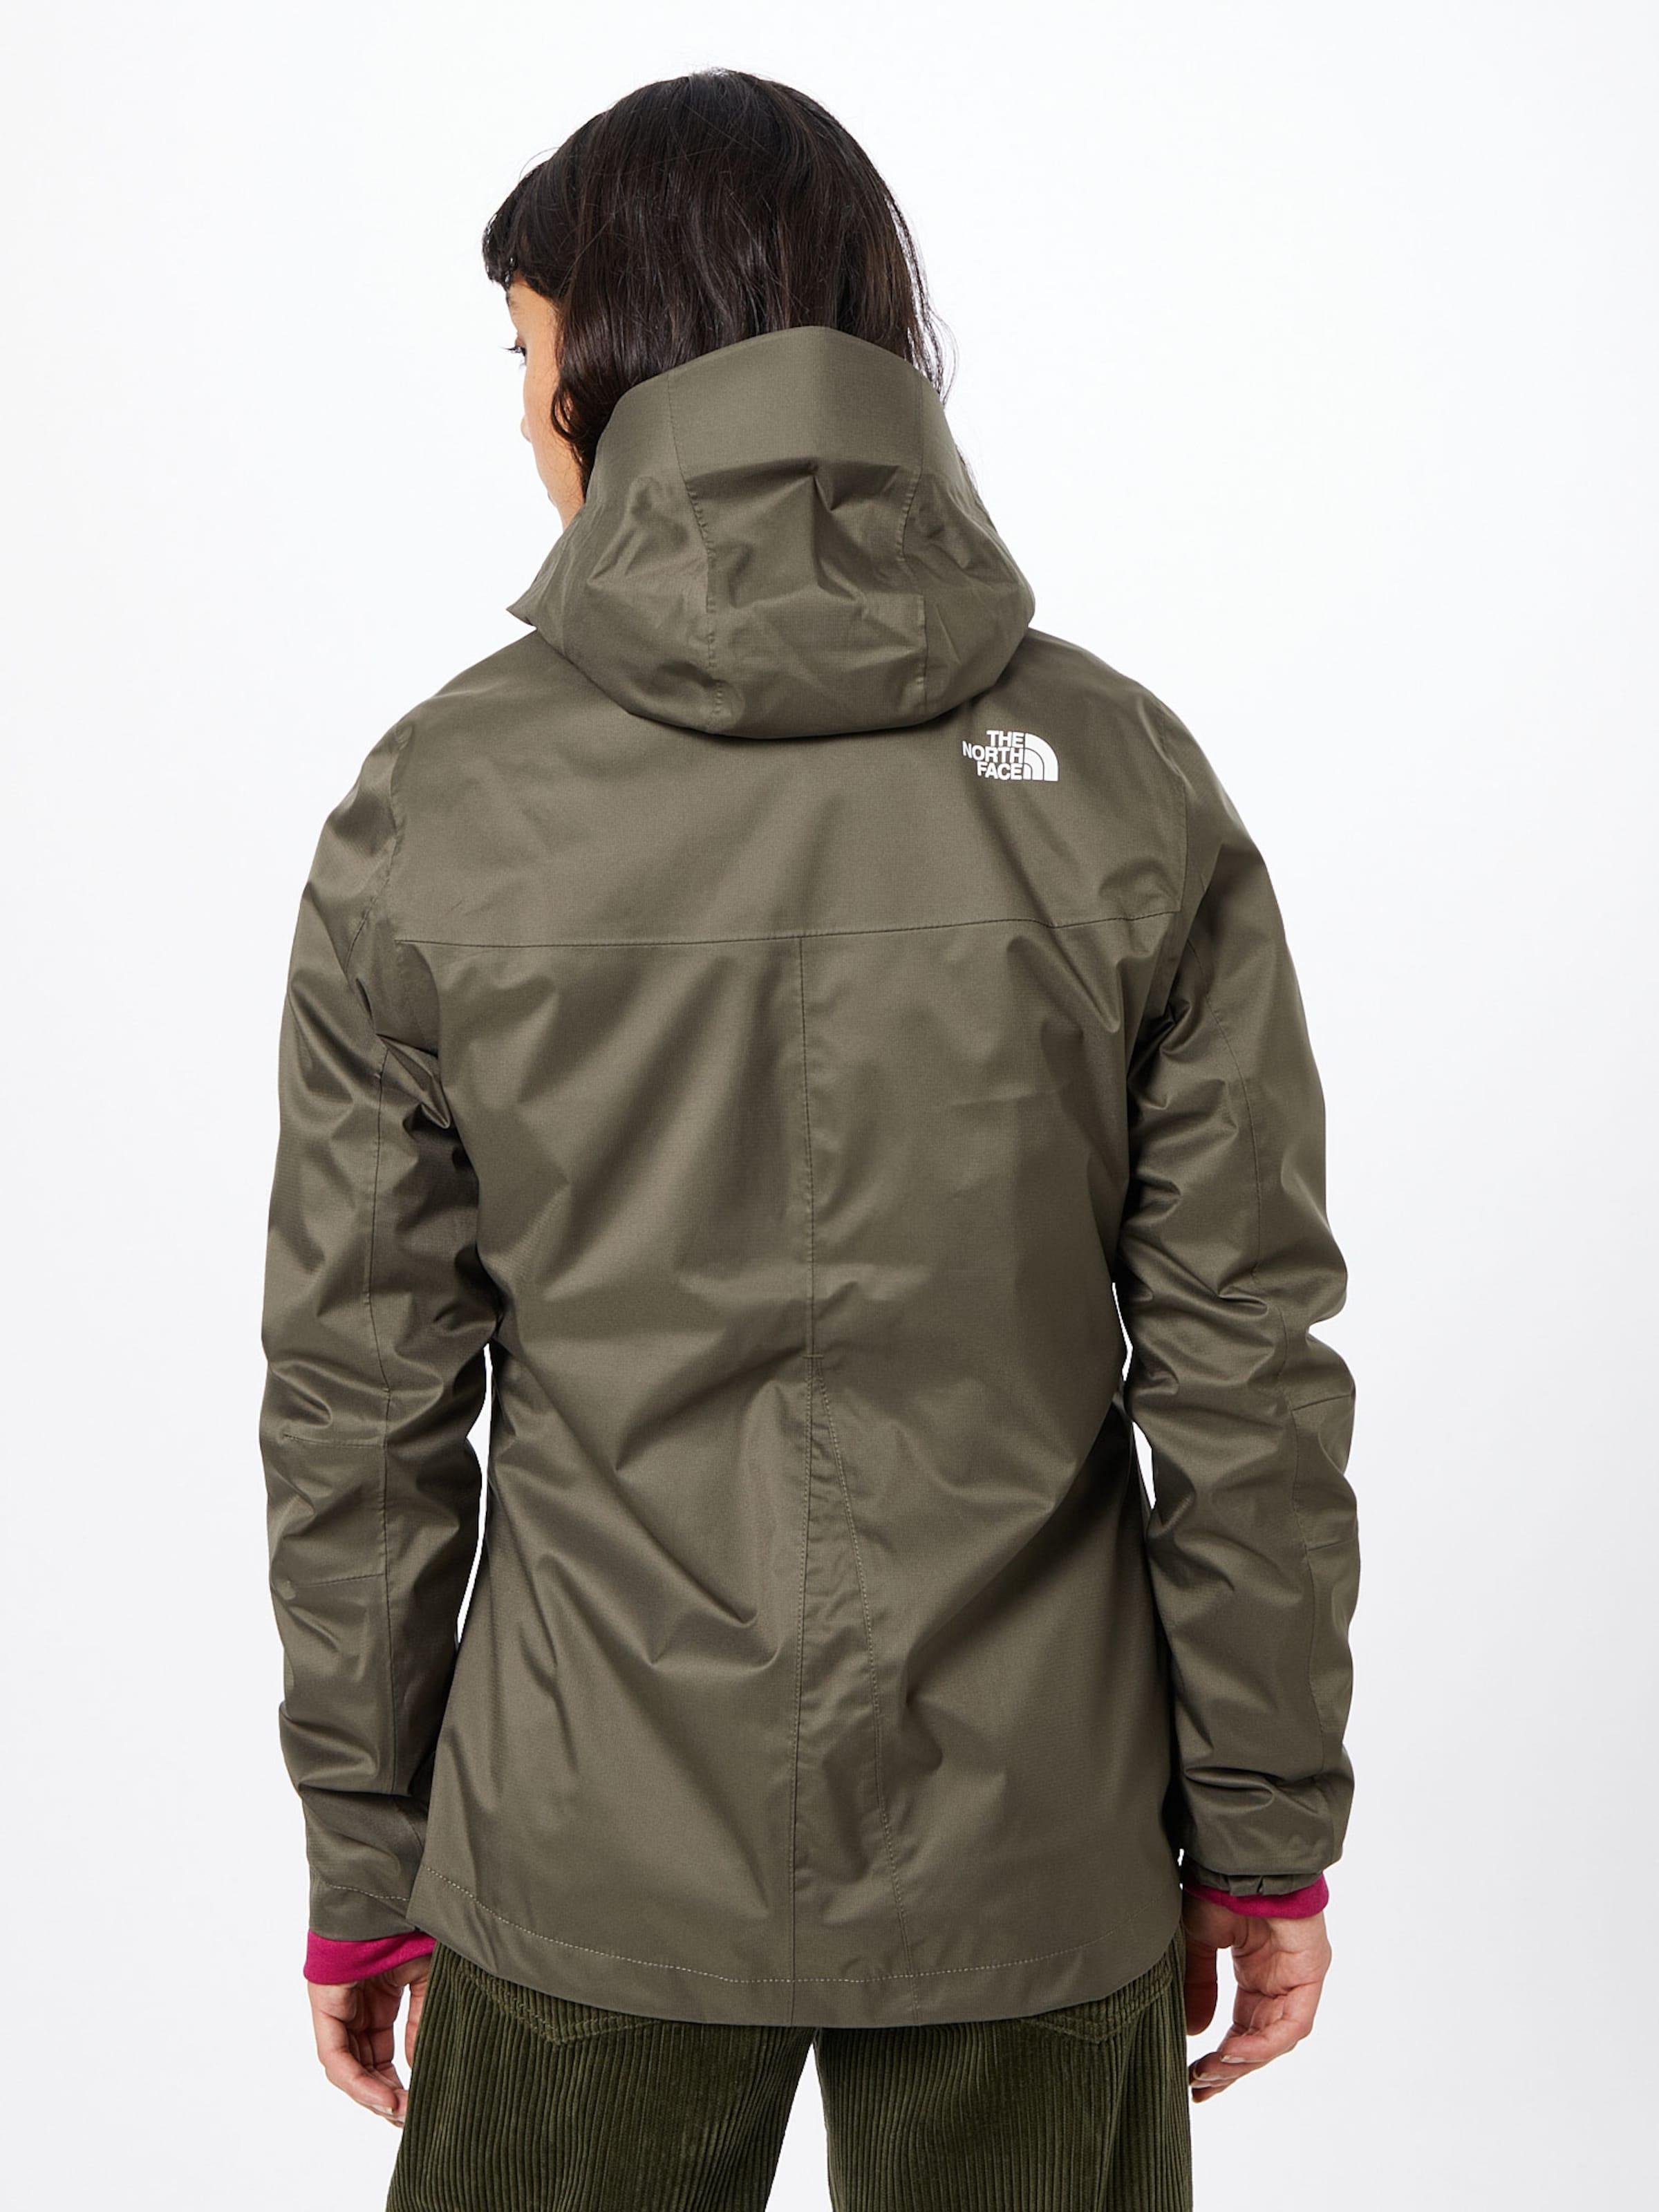 THE NORTH FACE Kültéri kabátok zöld színben